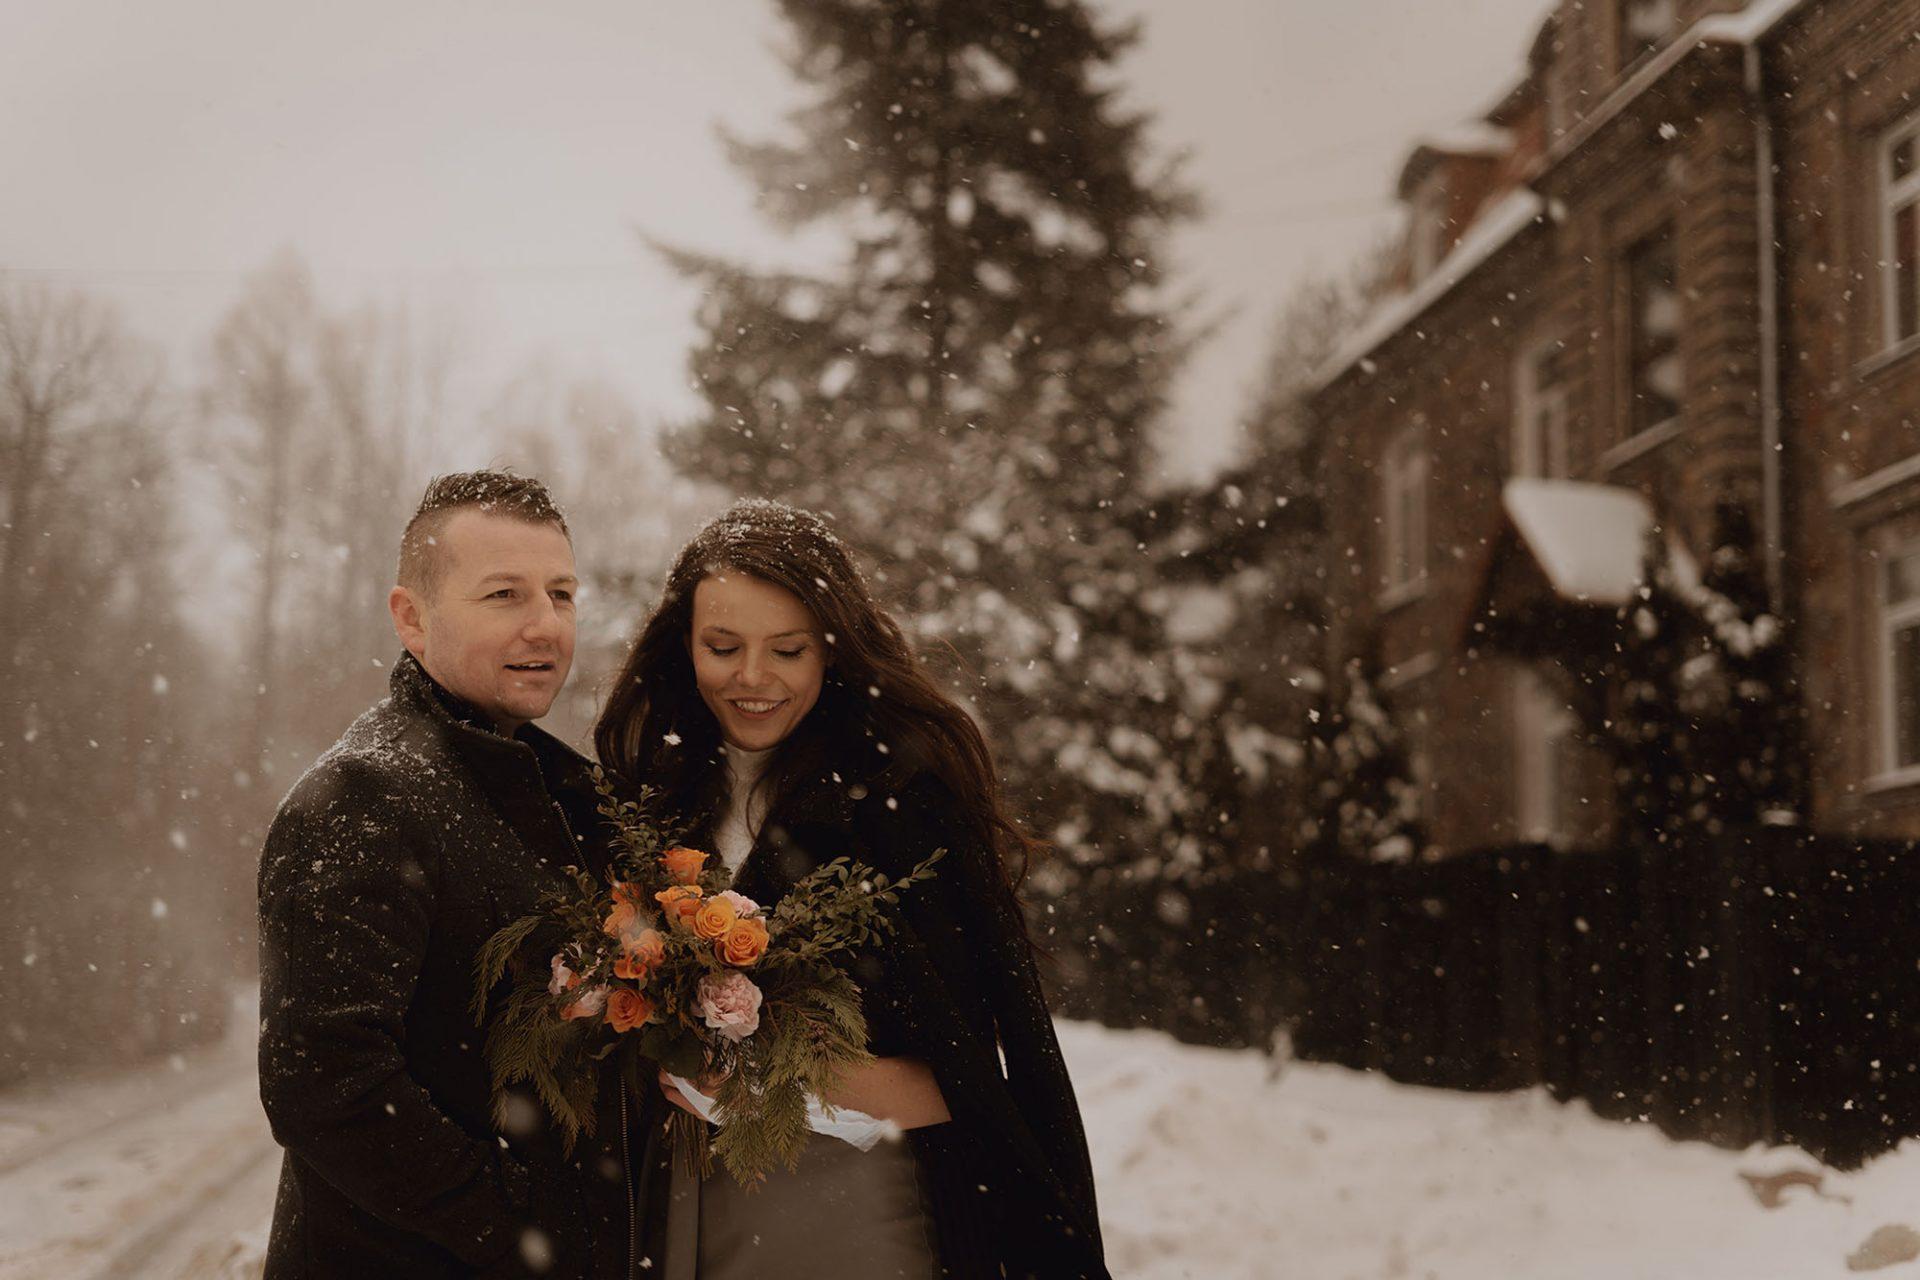 zimowa sesja dla pary00005 1920x1280 - Miłość